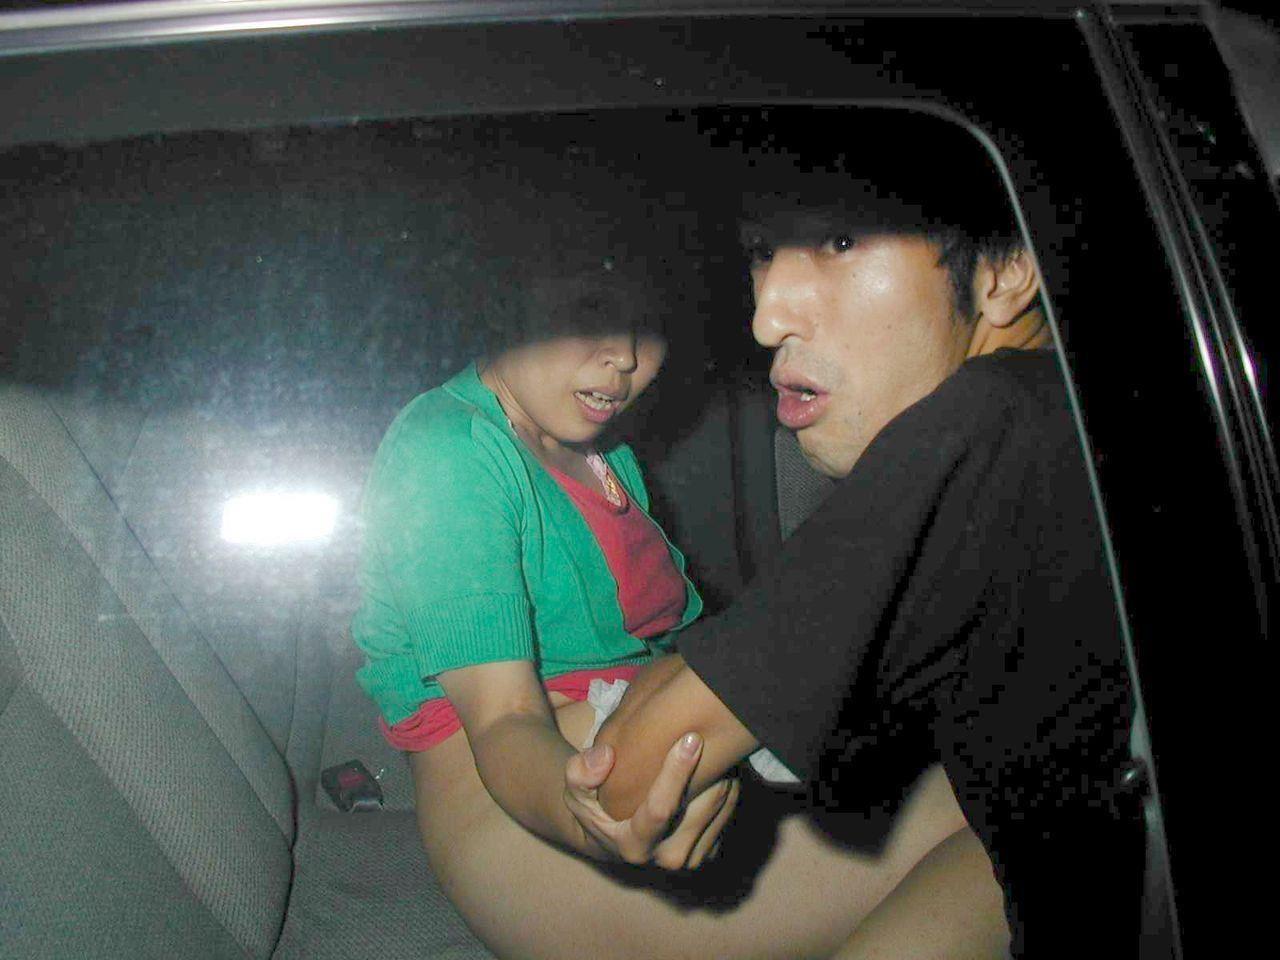 盗撮 カーセックス カーセックスしているカップルをフラッシュ撮影した結果・・・・ビビり